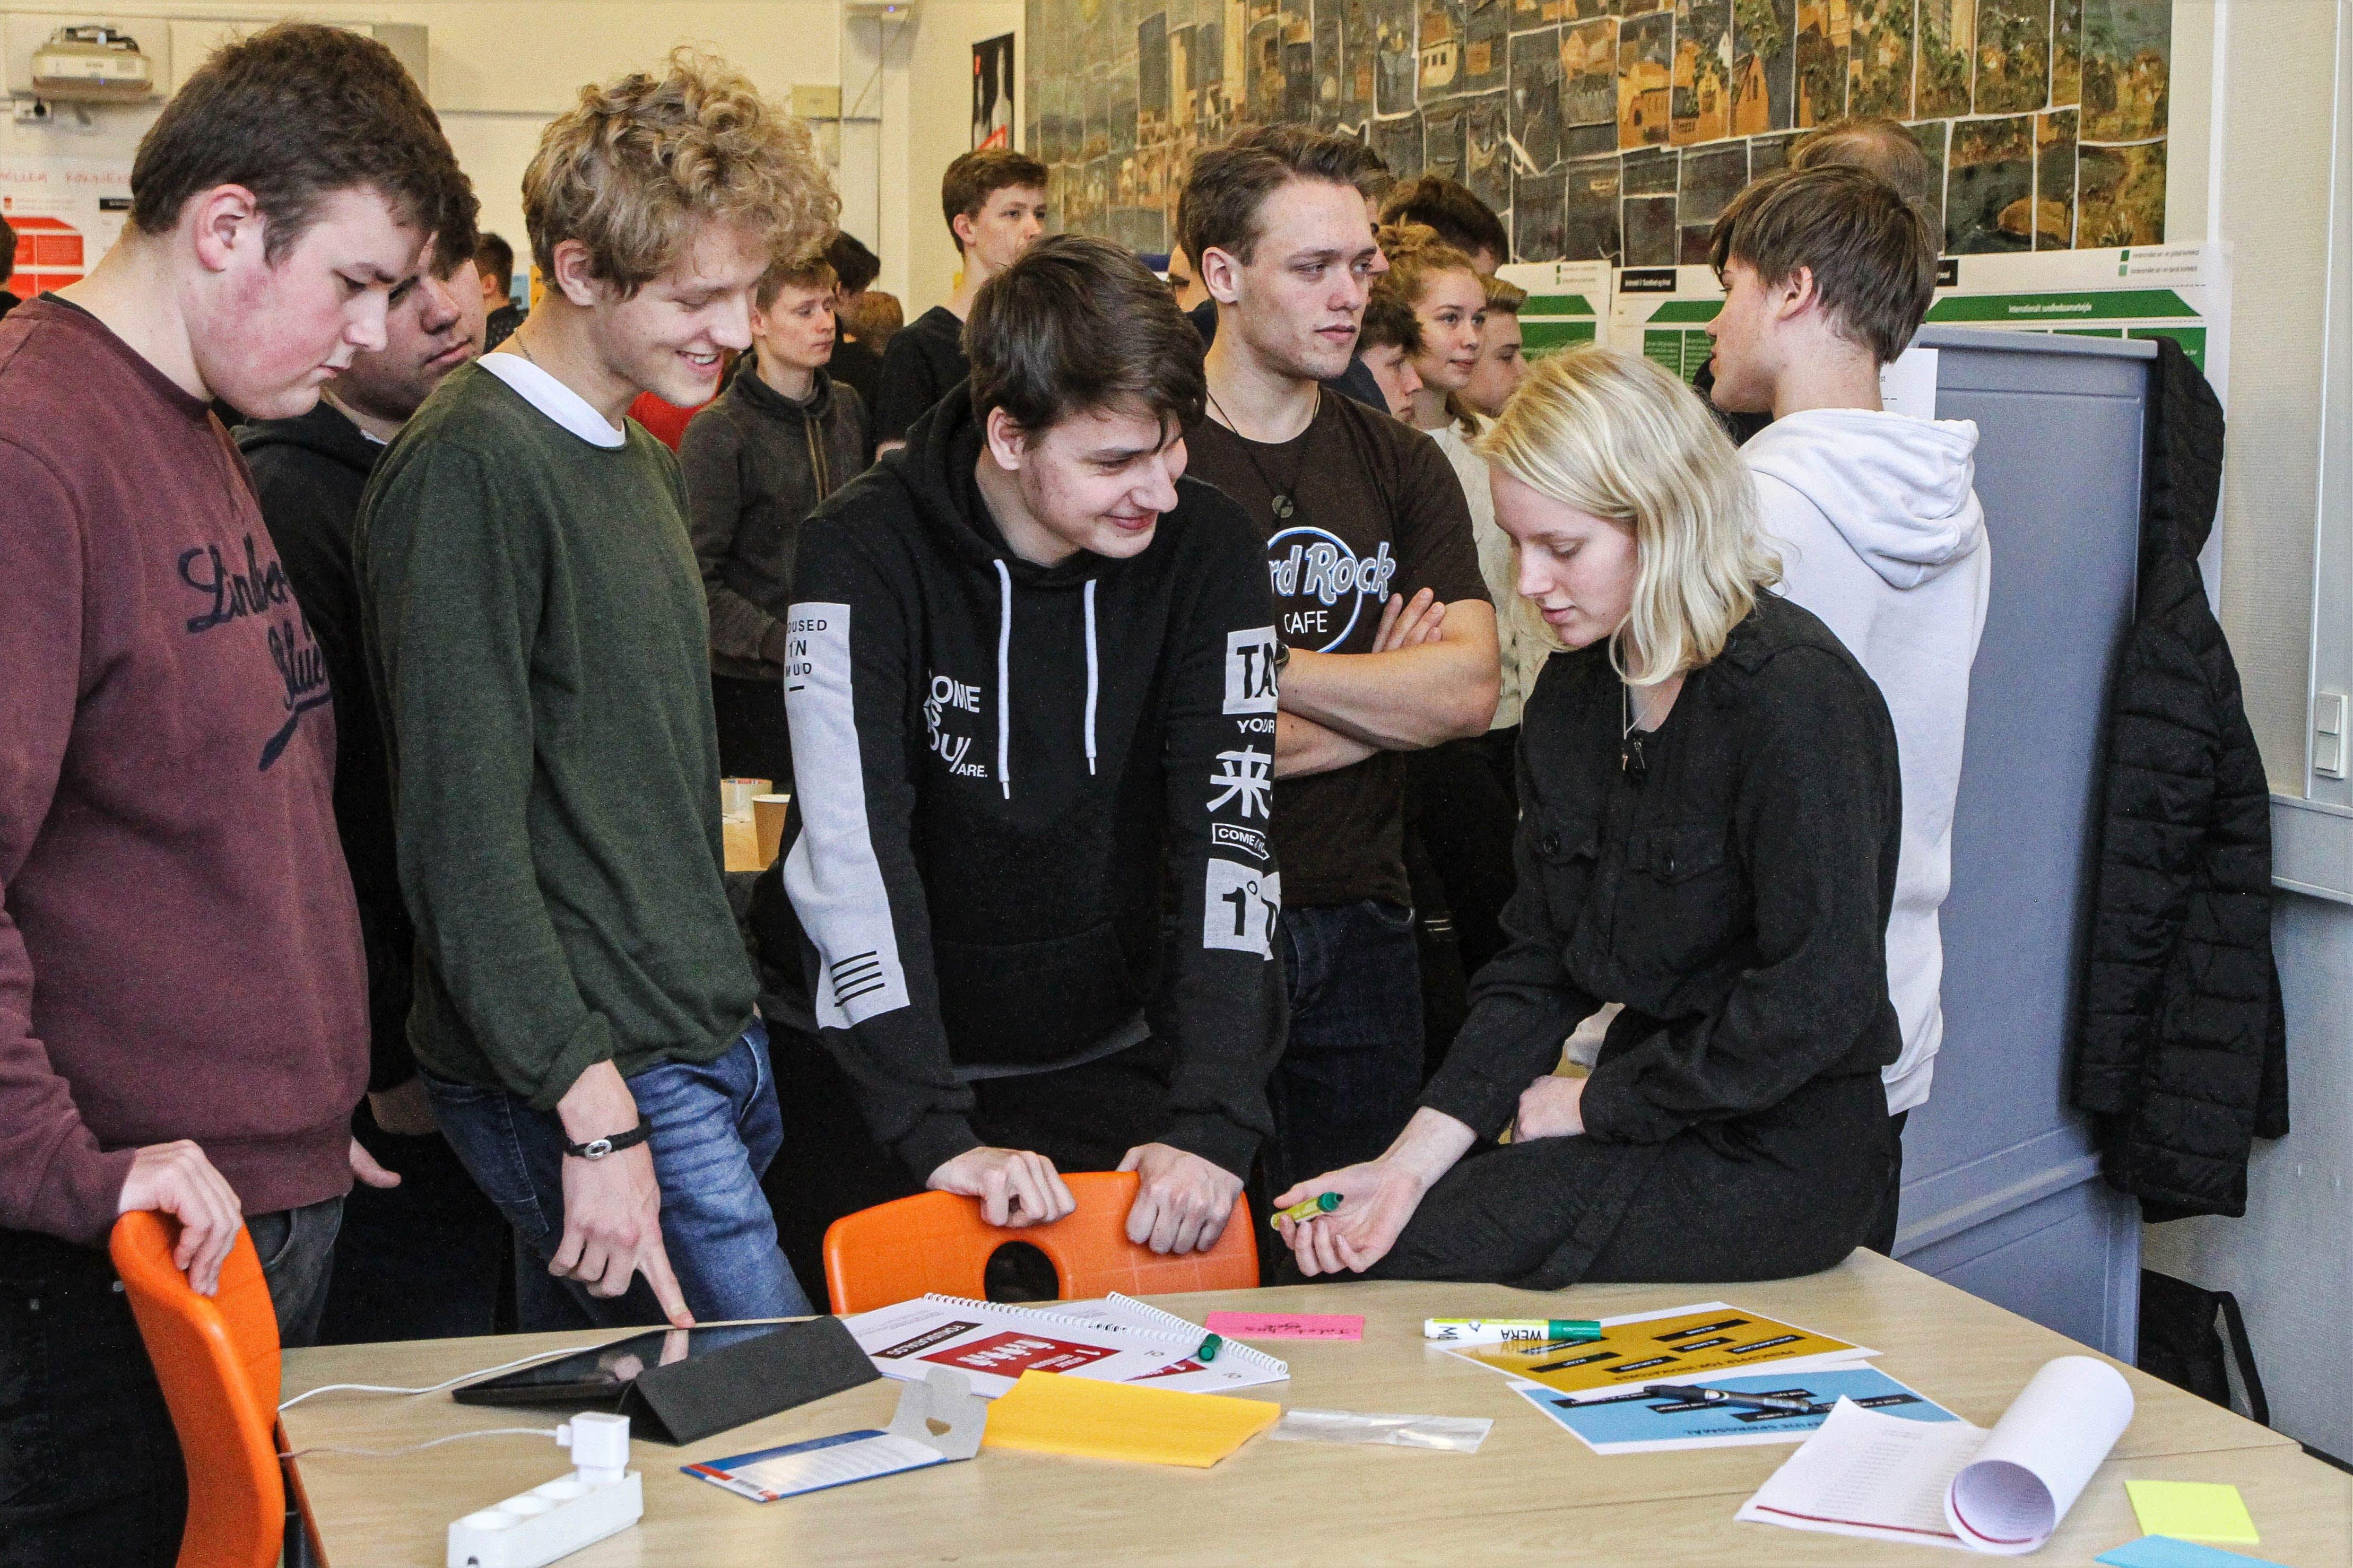 Gymnasieelever i Holbæk er i gang med at brainstorme på, hvordan vi kommer videre med Verdensmålene, og hvor langt vi er med dem lige nu. Foto: Morten Sundgaard - Holbækonline.dk